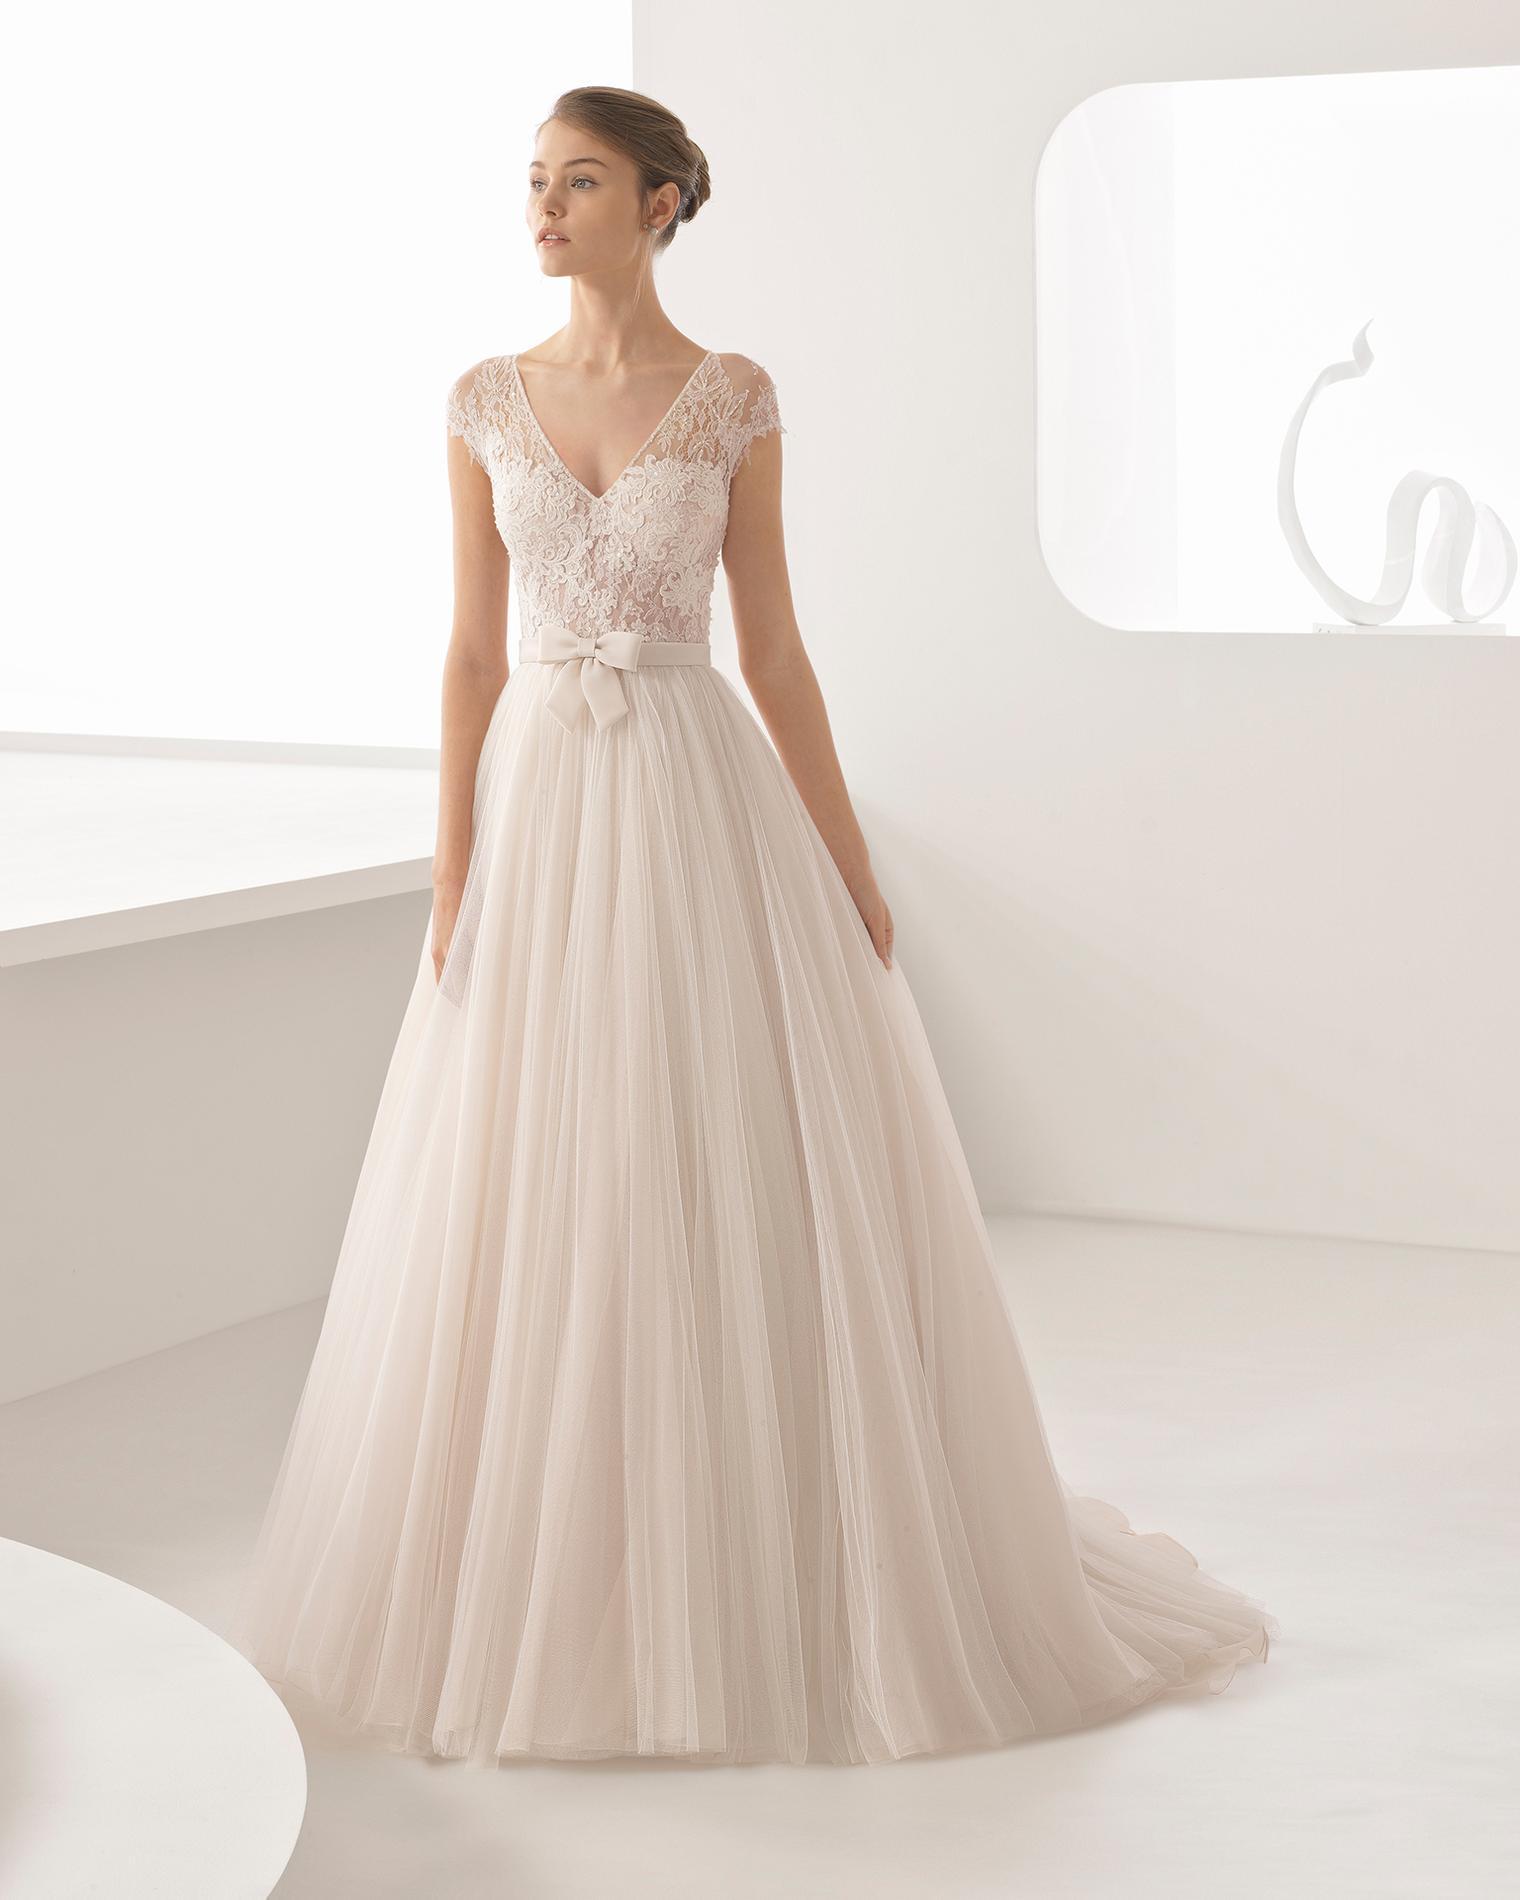 Rosa Clara Quelle robe de mariée choisir lorsque l\u0027on a une forte poitrine  ? , Half Penny London Quelle robe de mariée choisir lorsque l\u0027on a une forte